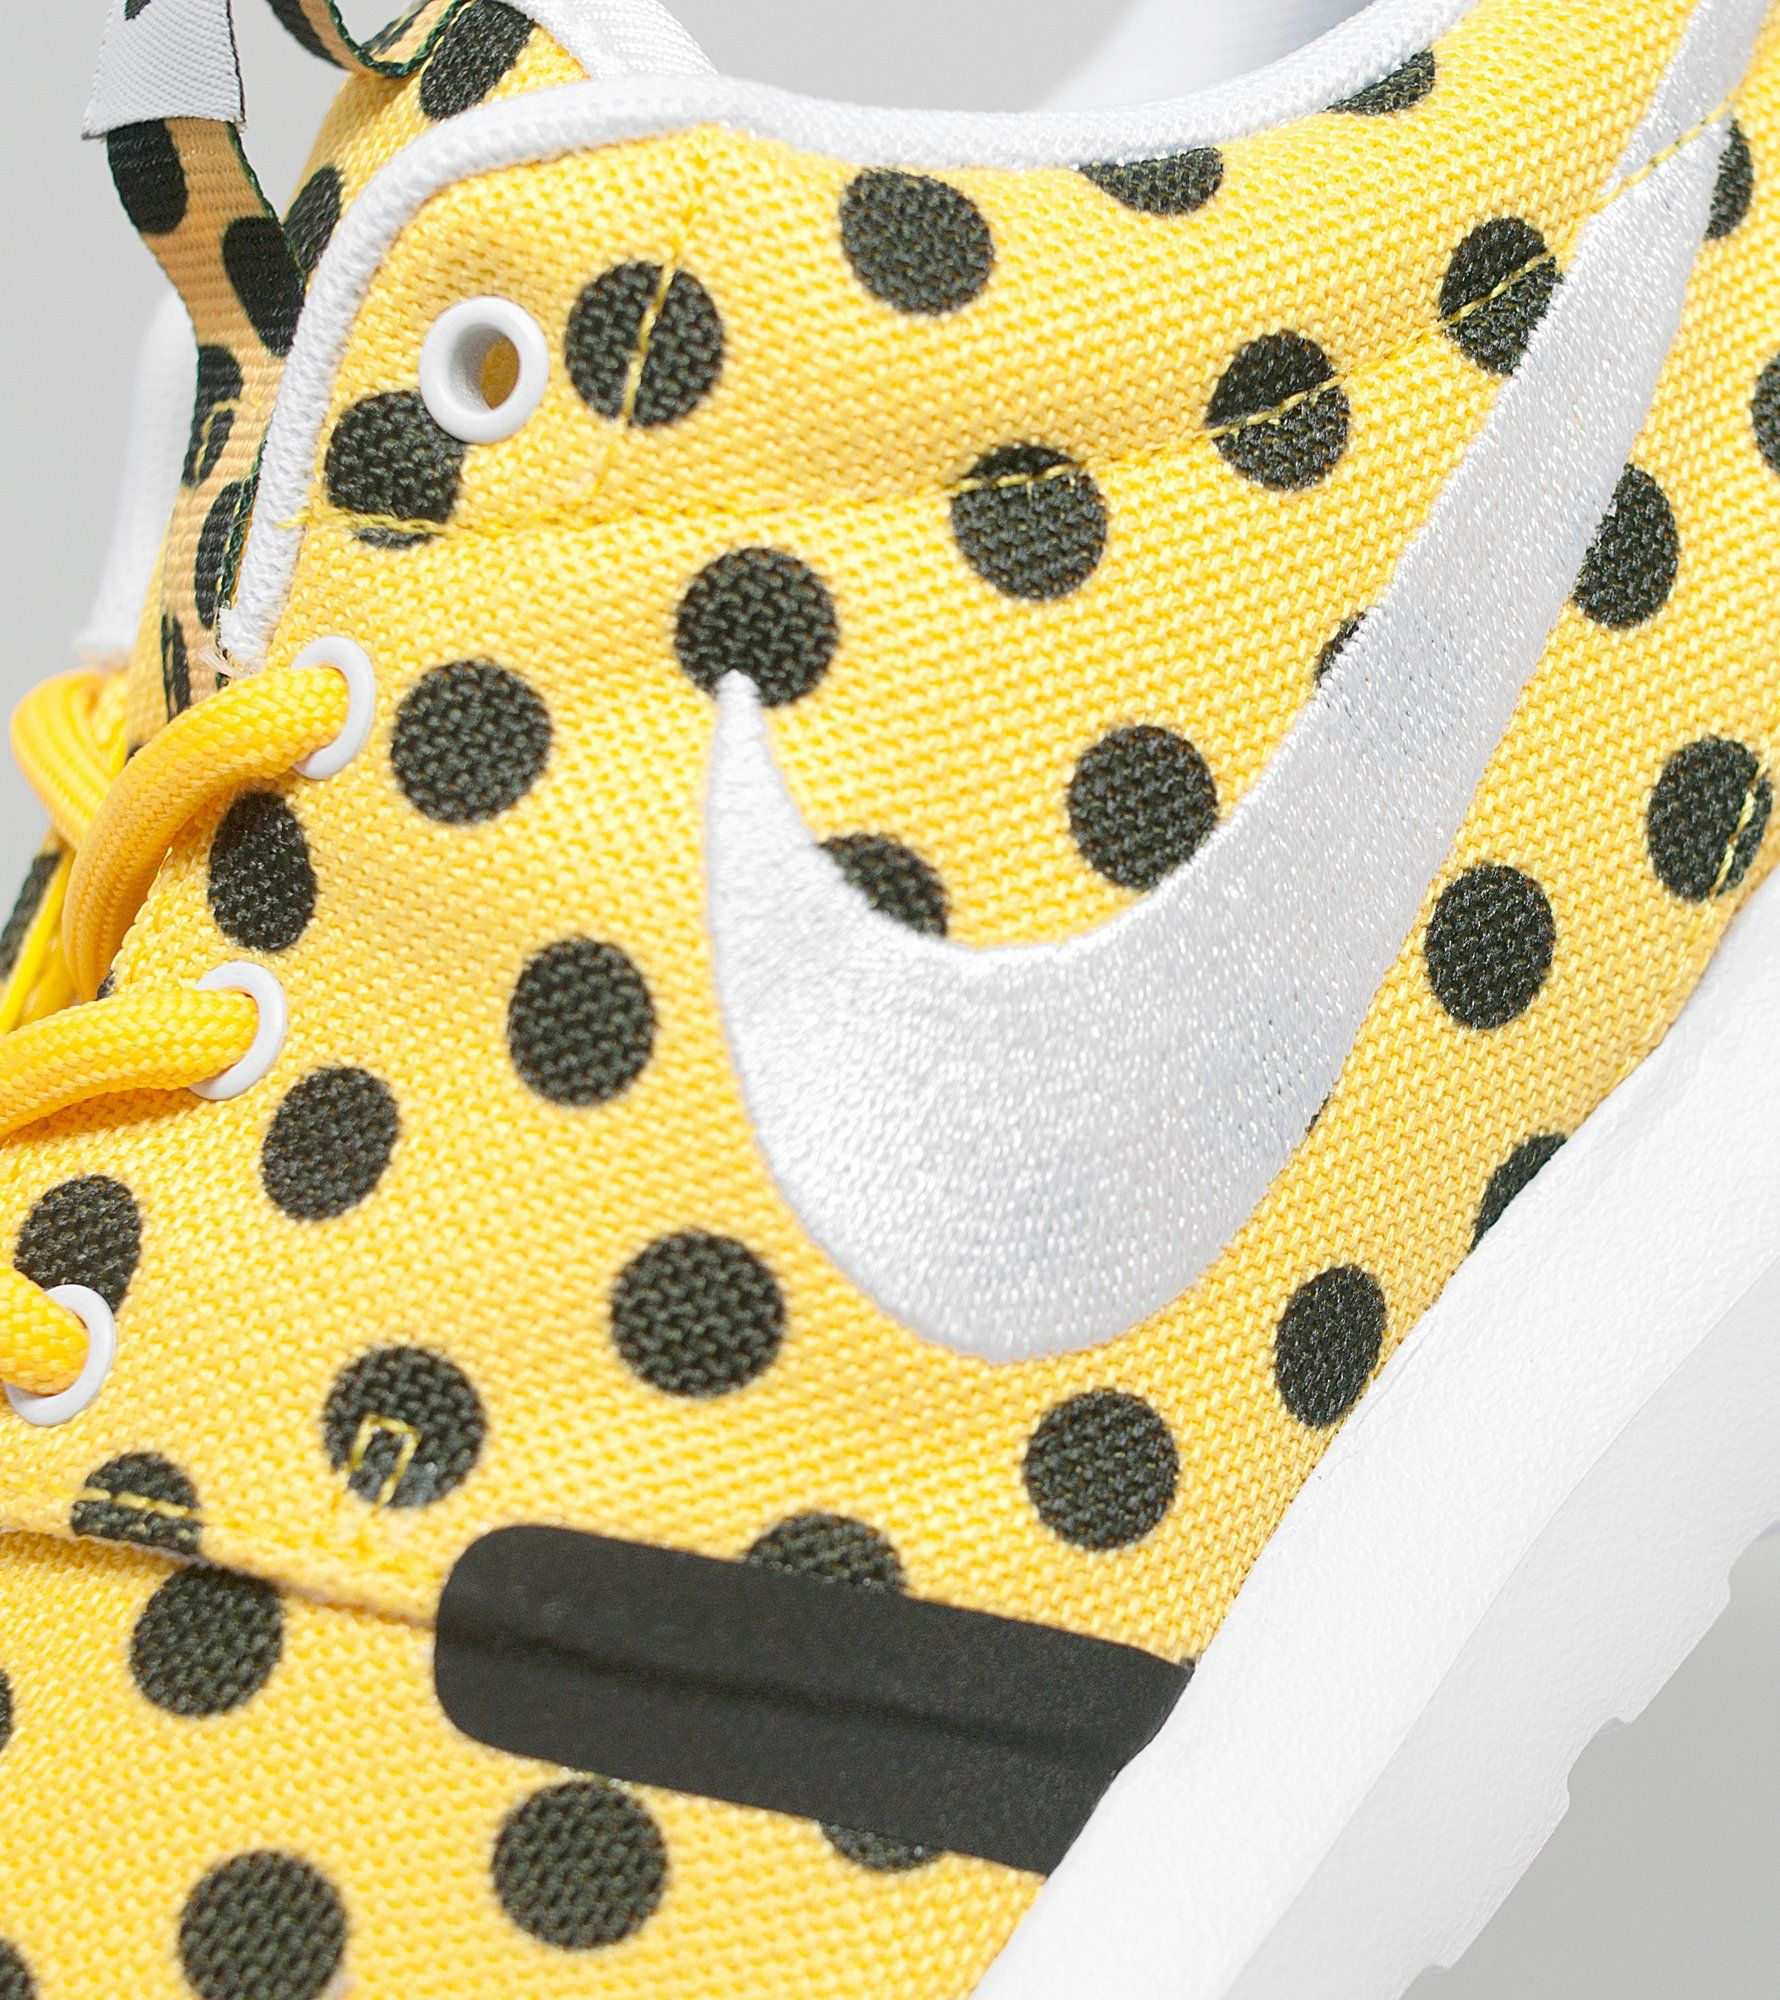 rgege Nike Roshe One NM QS 'Polkadot Pack' | Size?